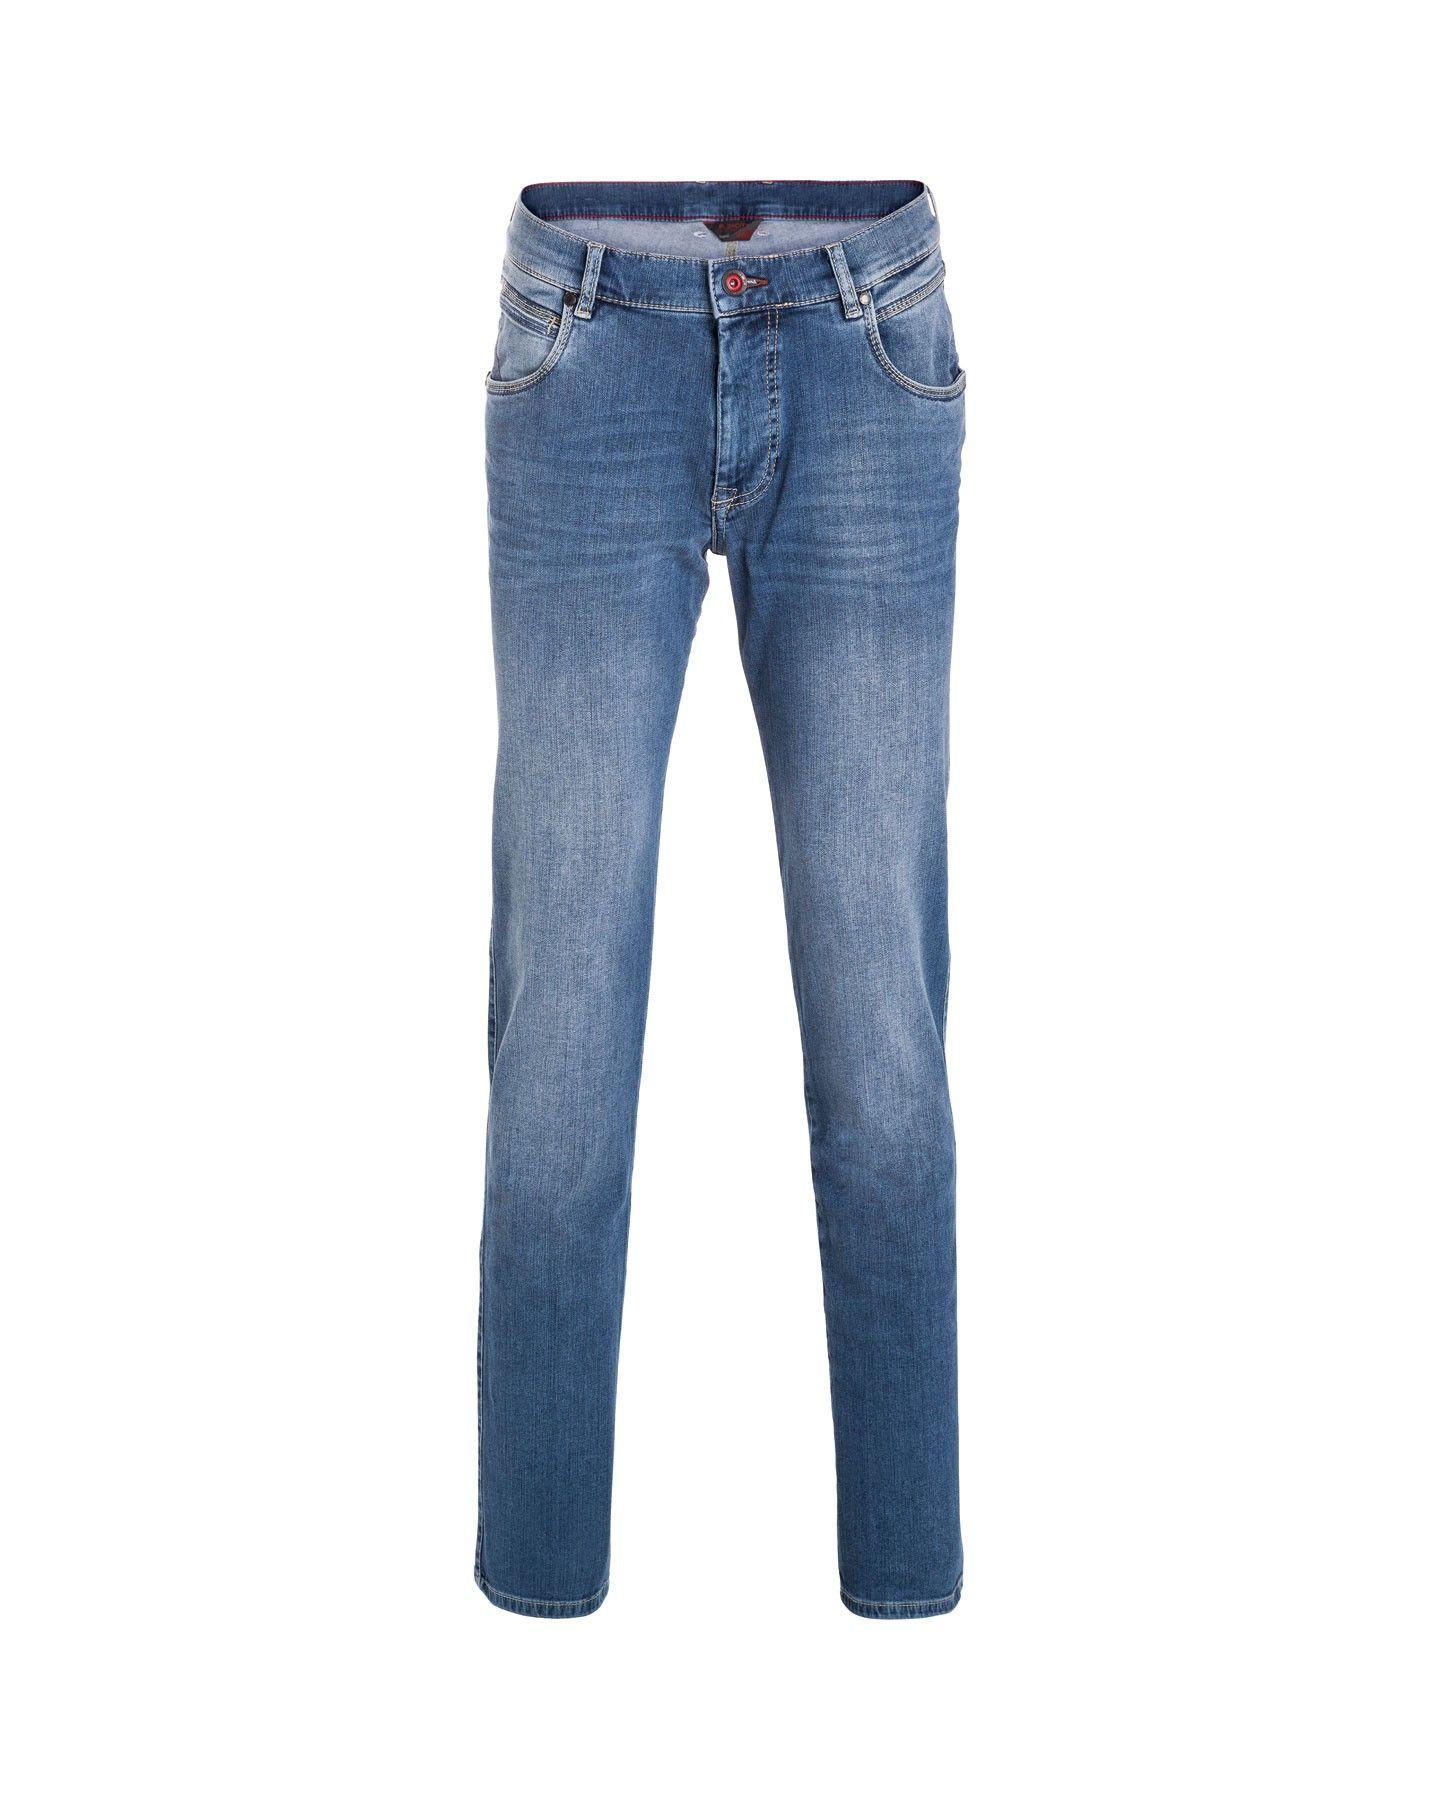 Bugatti - Herren Jeans Five Pocket-Hose hochelastisch (Art. Nr.: 3038D-76683) – Bild 4